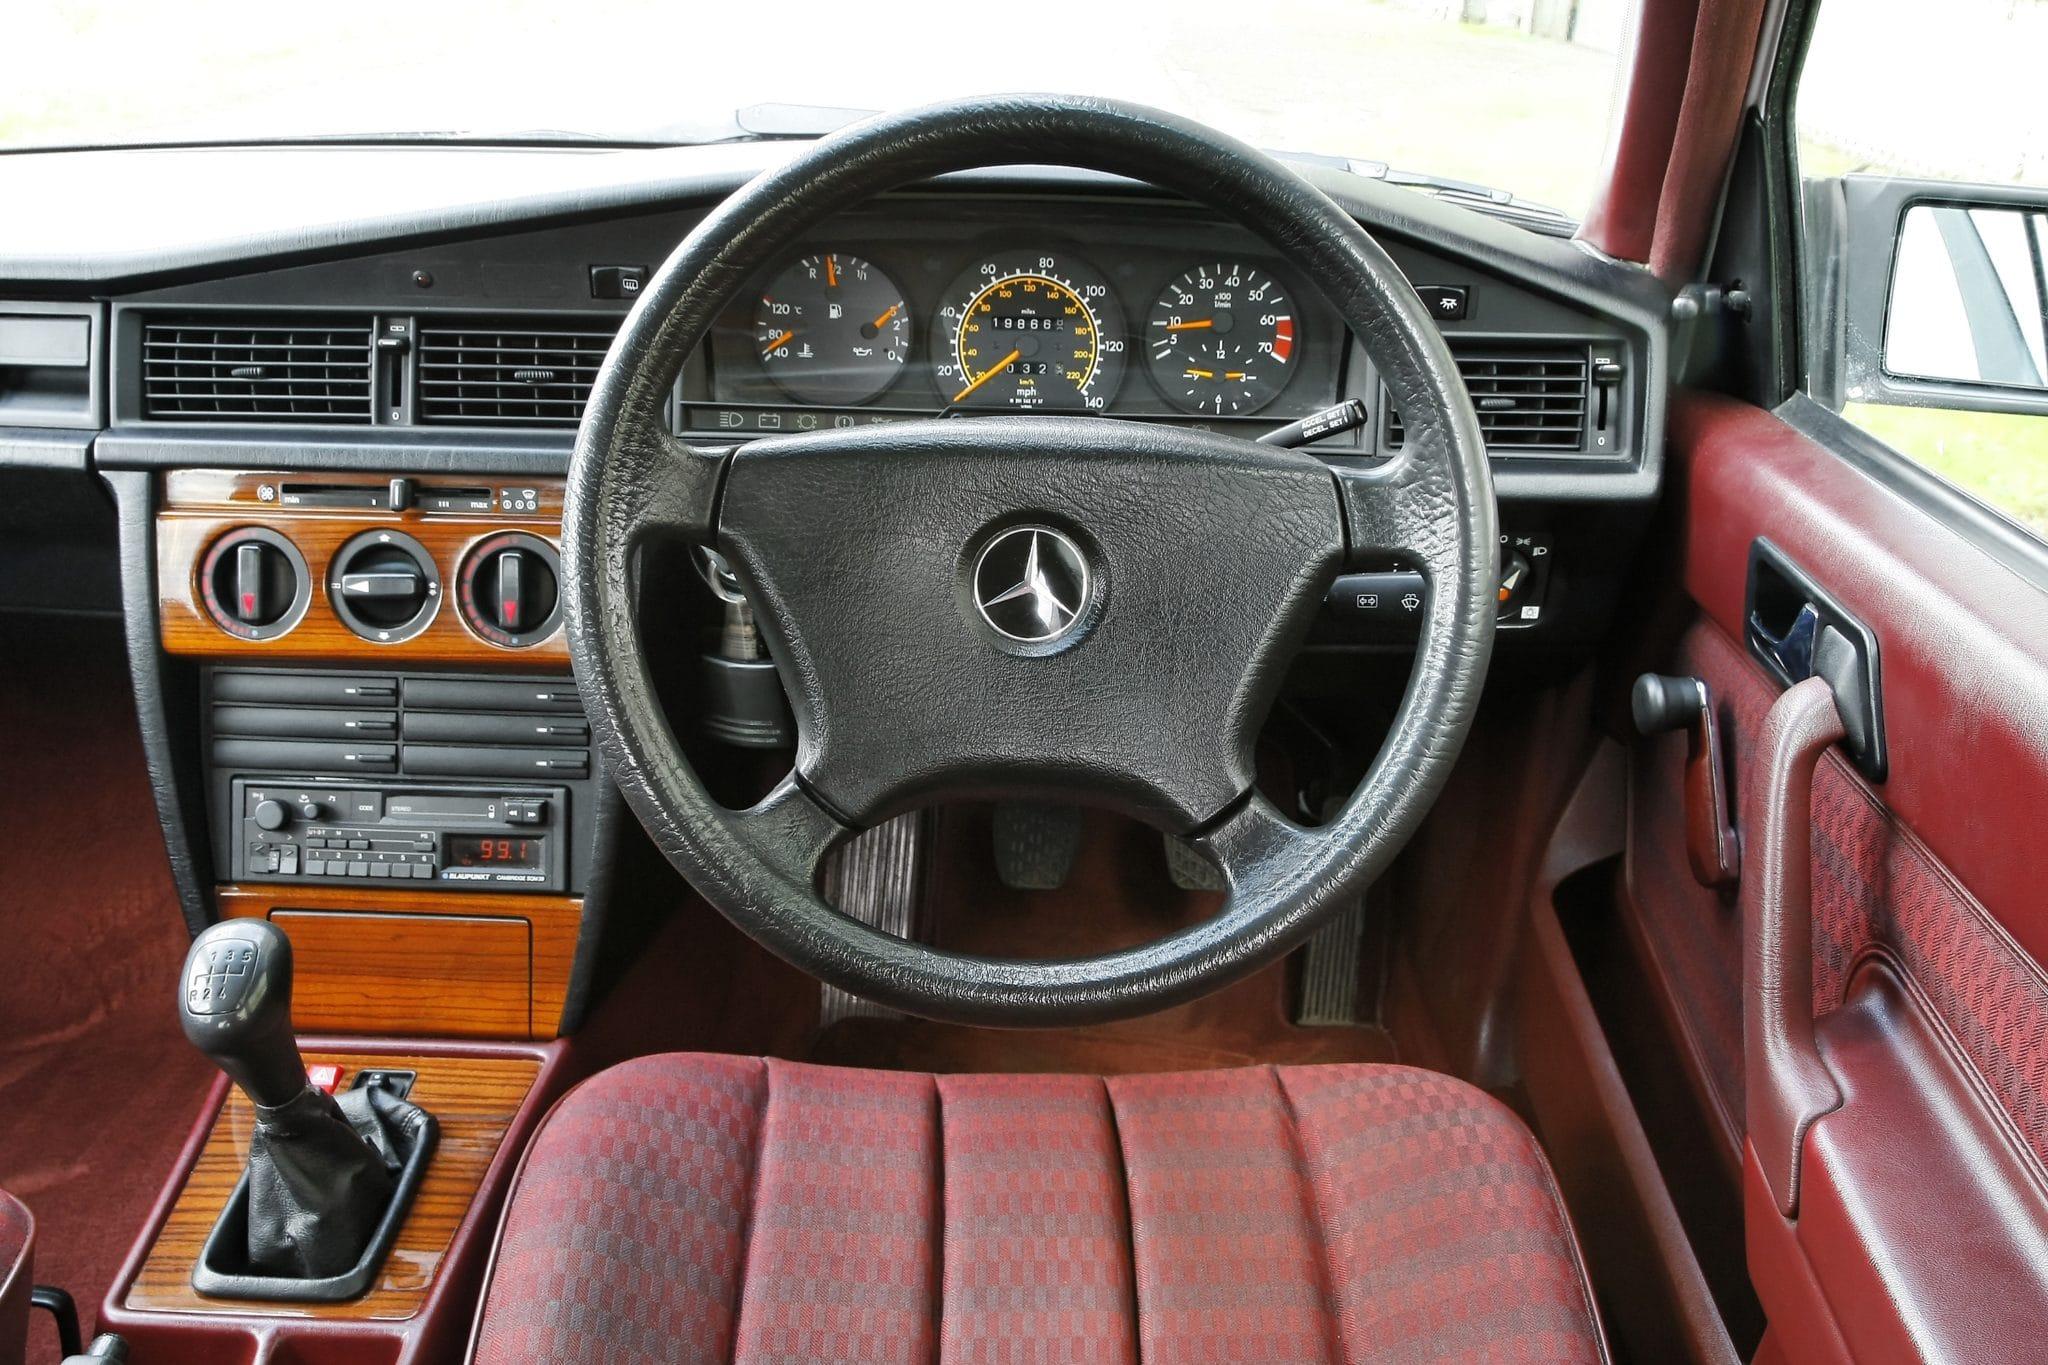 Mercedes, Mercedes-Benz, W201, Mercedes W201, Mercedes-Benz 190, Mercedes-Benz 190E, classic Mercedes, retro mercedes, classic car, retro car, motoring, automotive, carandclassic, not2grand, project car, classic car, motoring, automotive, featured